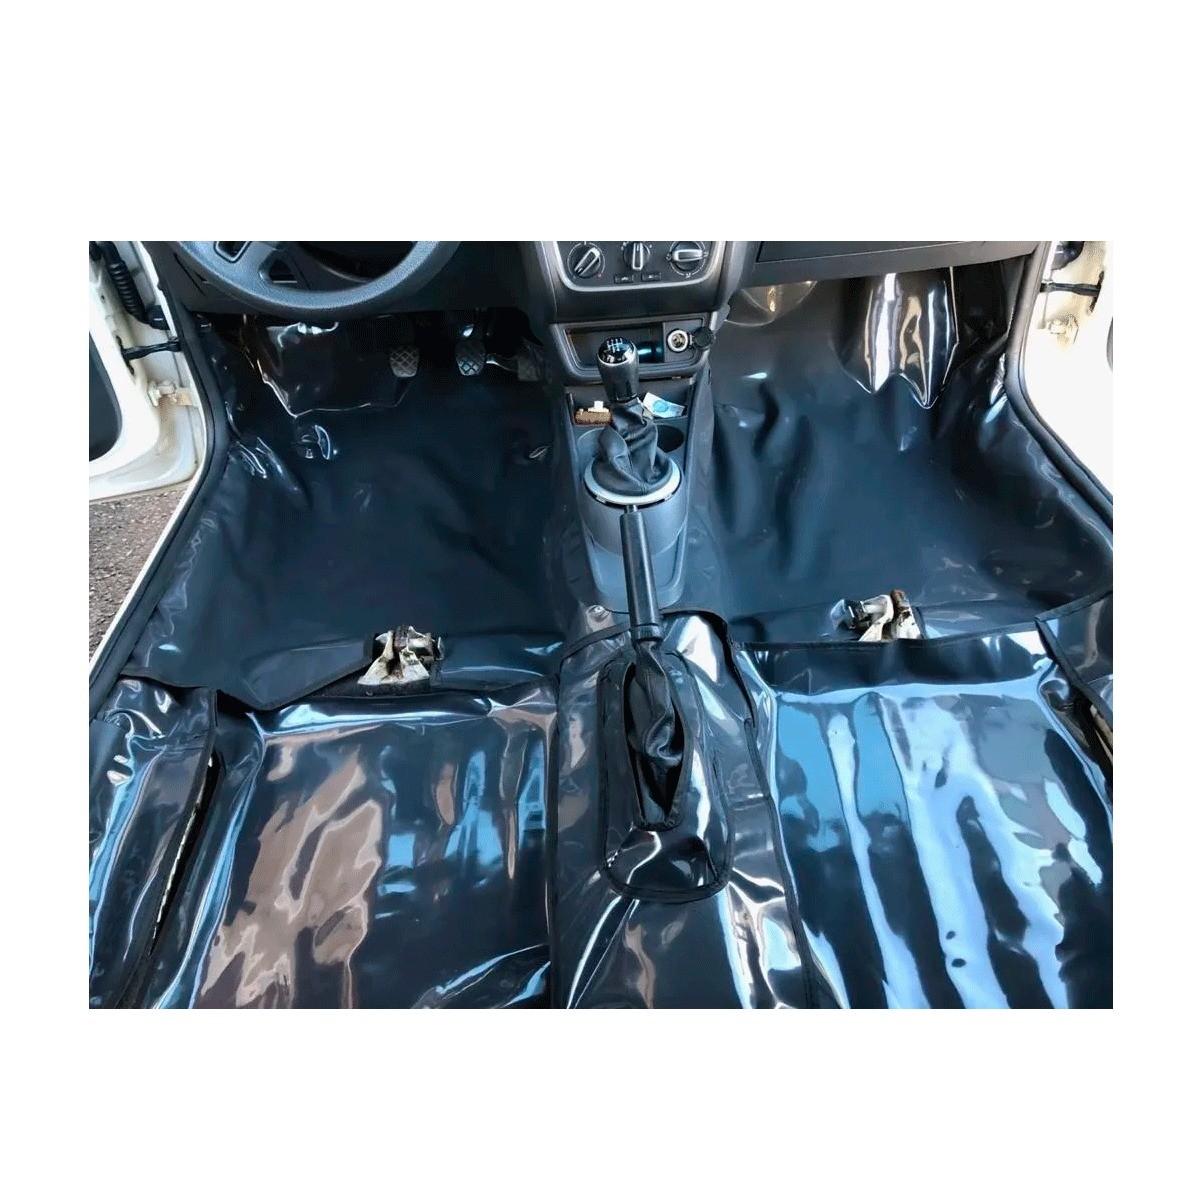 Tapete Proteção Assoalho do Renault Clio 2003 a 2012 em Vinil Verniz Impermeável